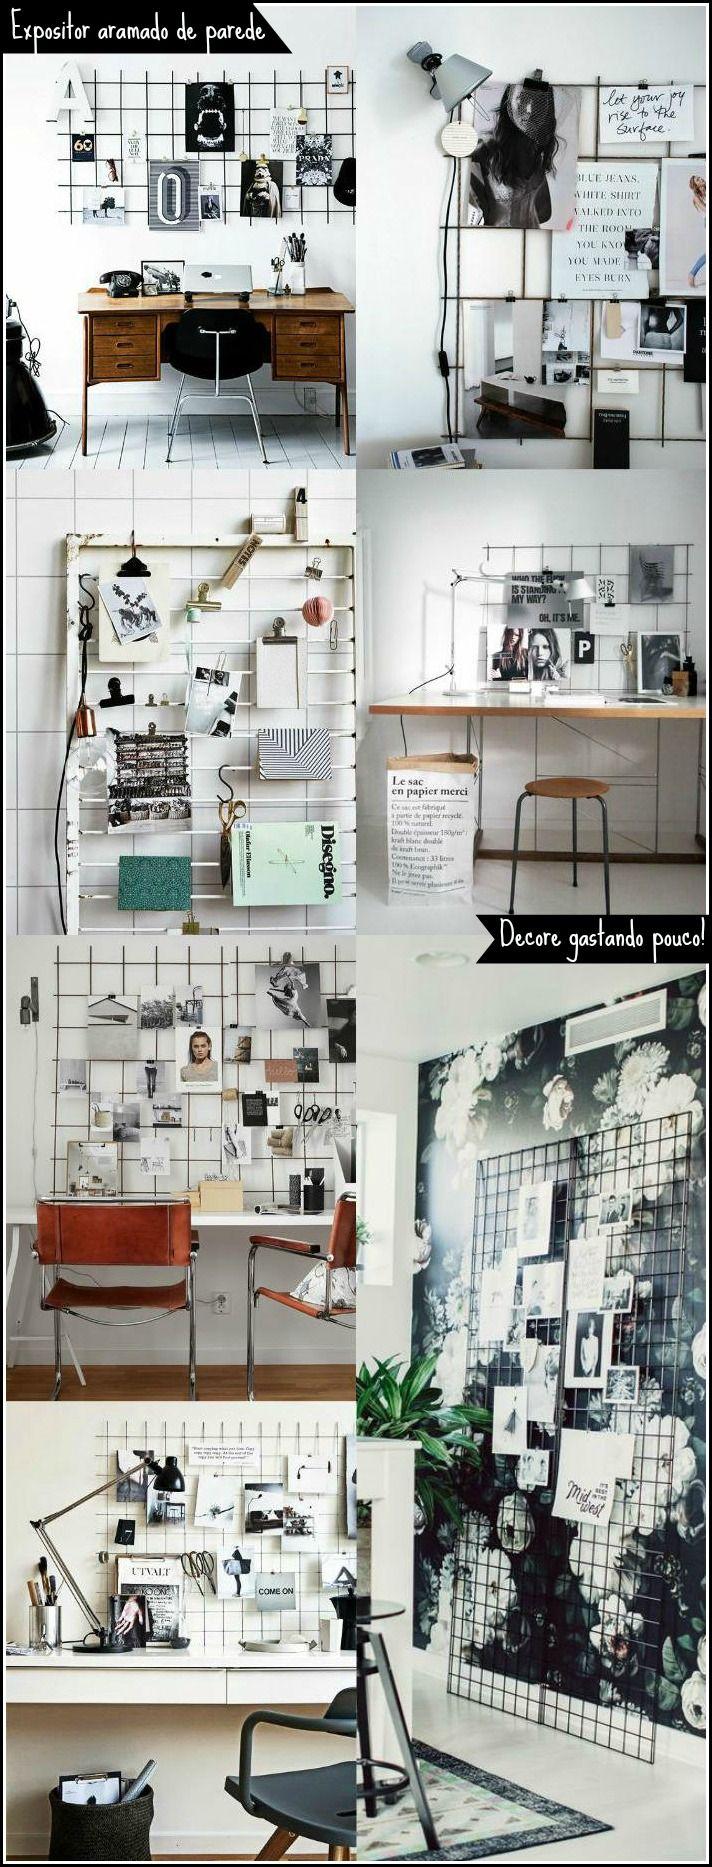 Tela Aramada: 29 inspirações para o seu mural de inspirações Wire grid wall | Mood board (Diy Wall)